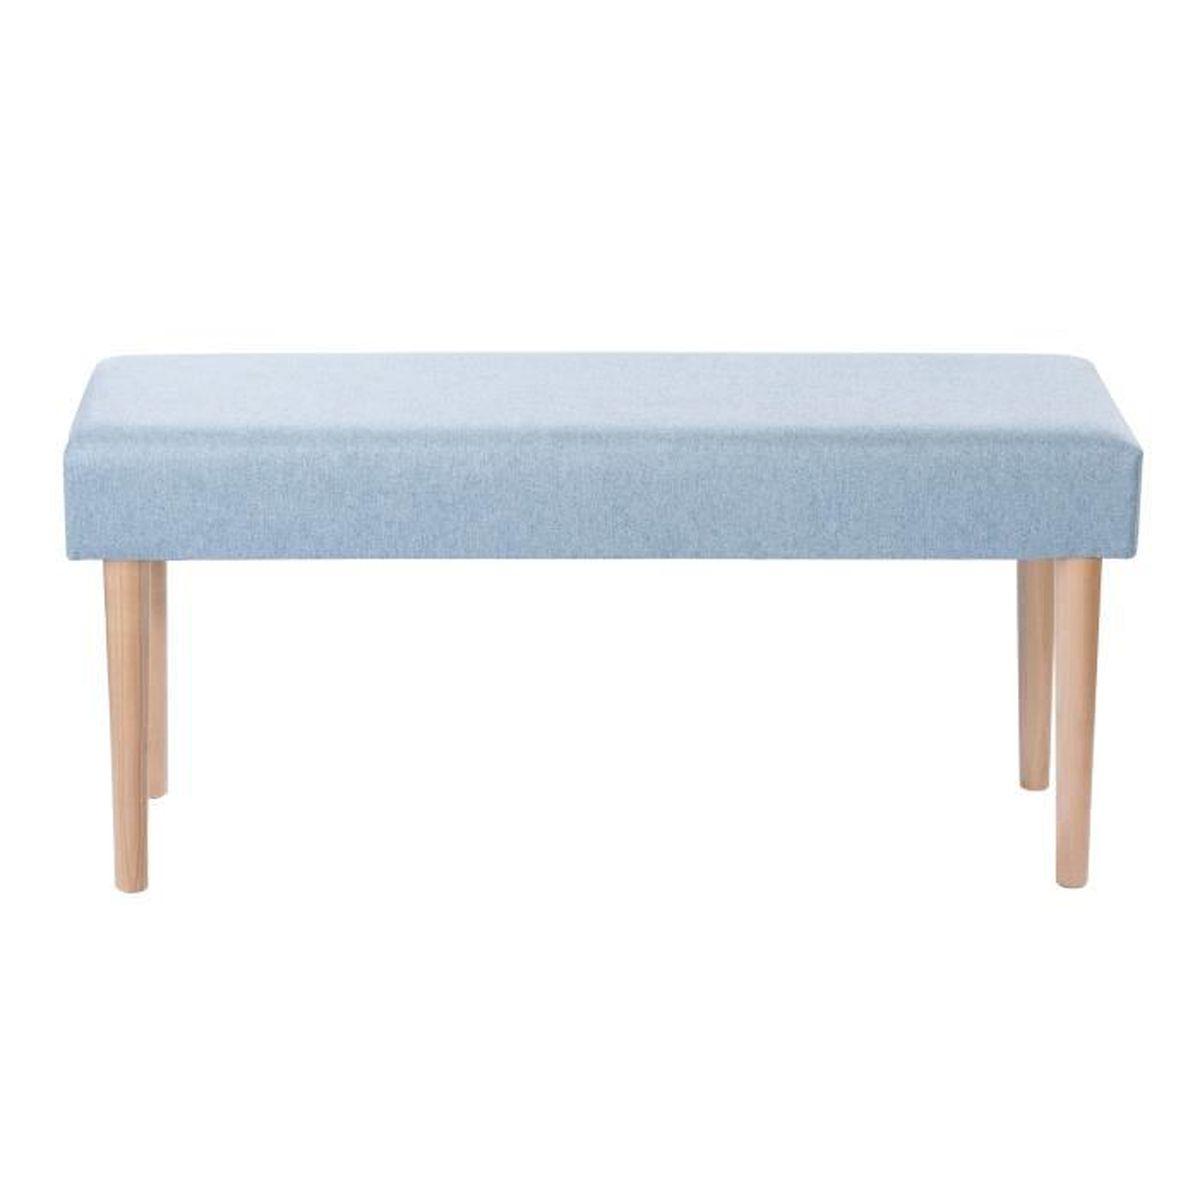 banc de pied de lit achat vente banc de pied de lit pas cher les soldes sur cdiscount. Black Bedroom Furniture Sets. Home Design Ideas